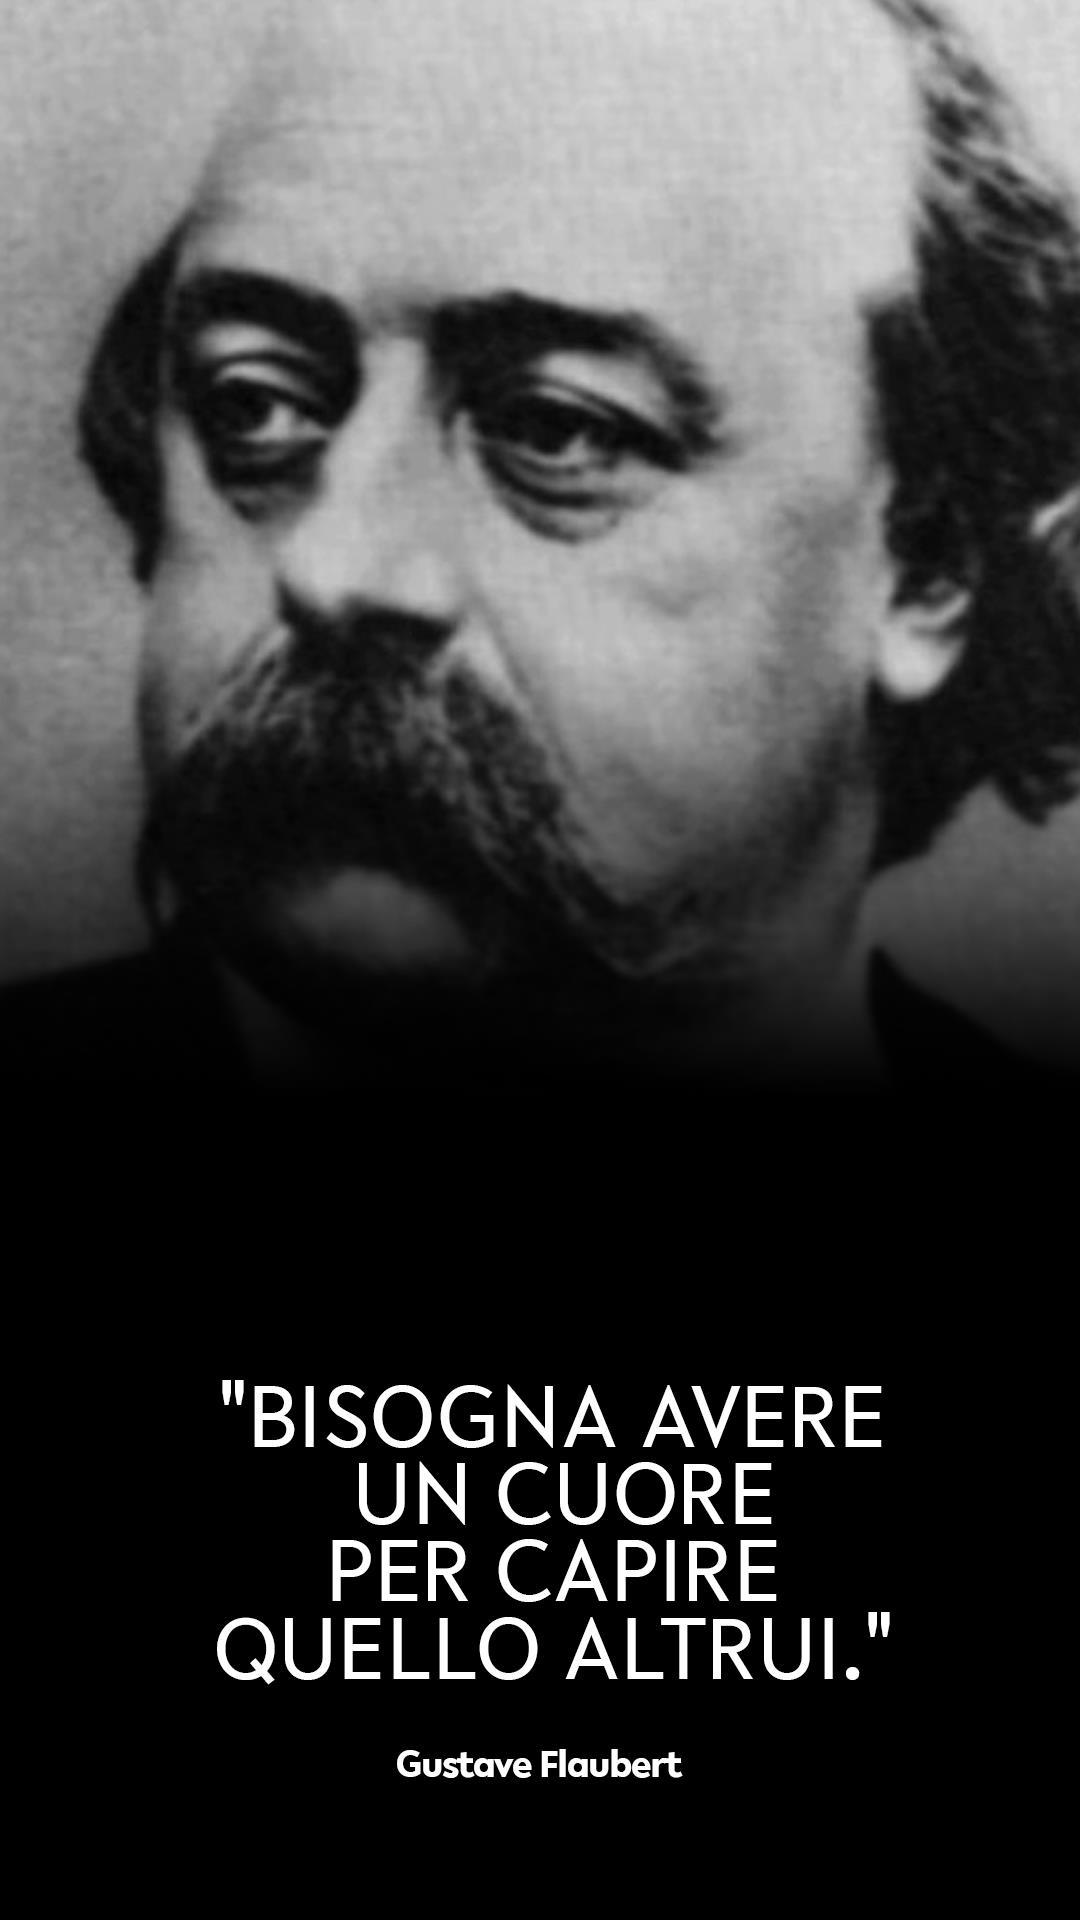 Le frasi di Gustave Flaubert